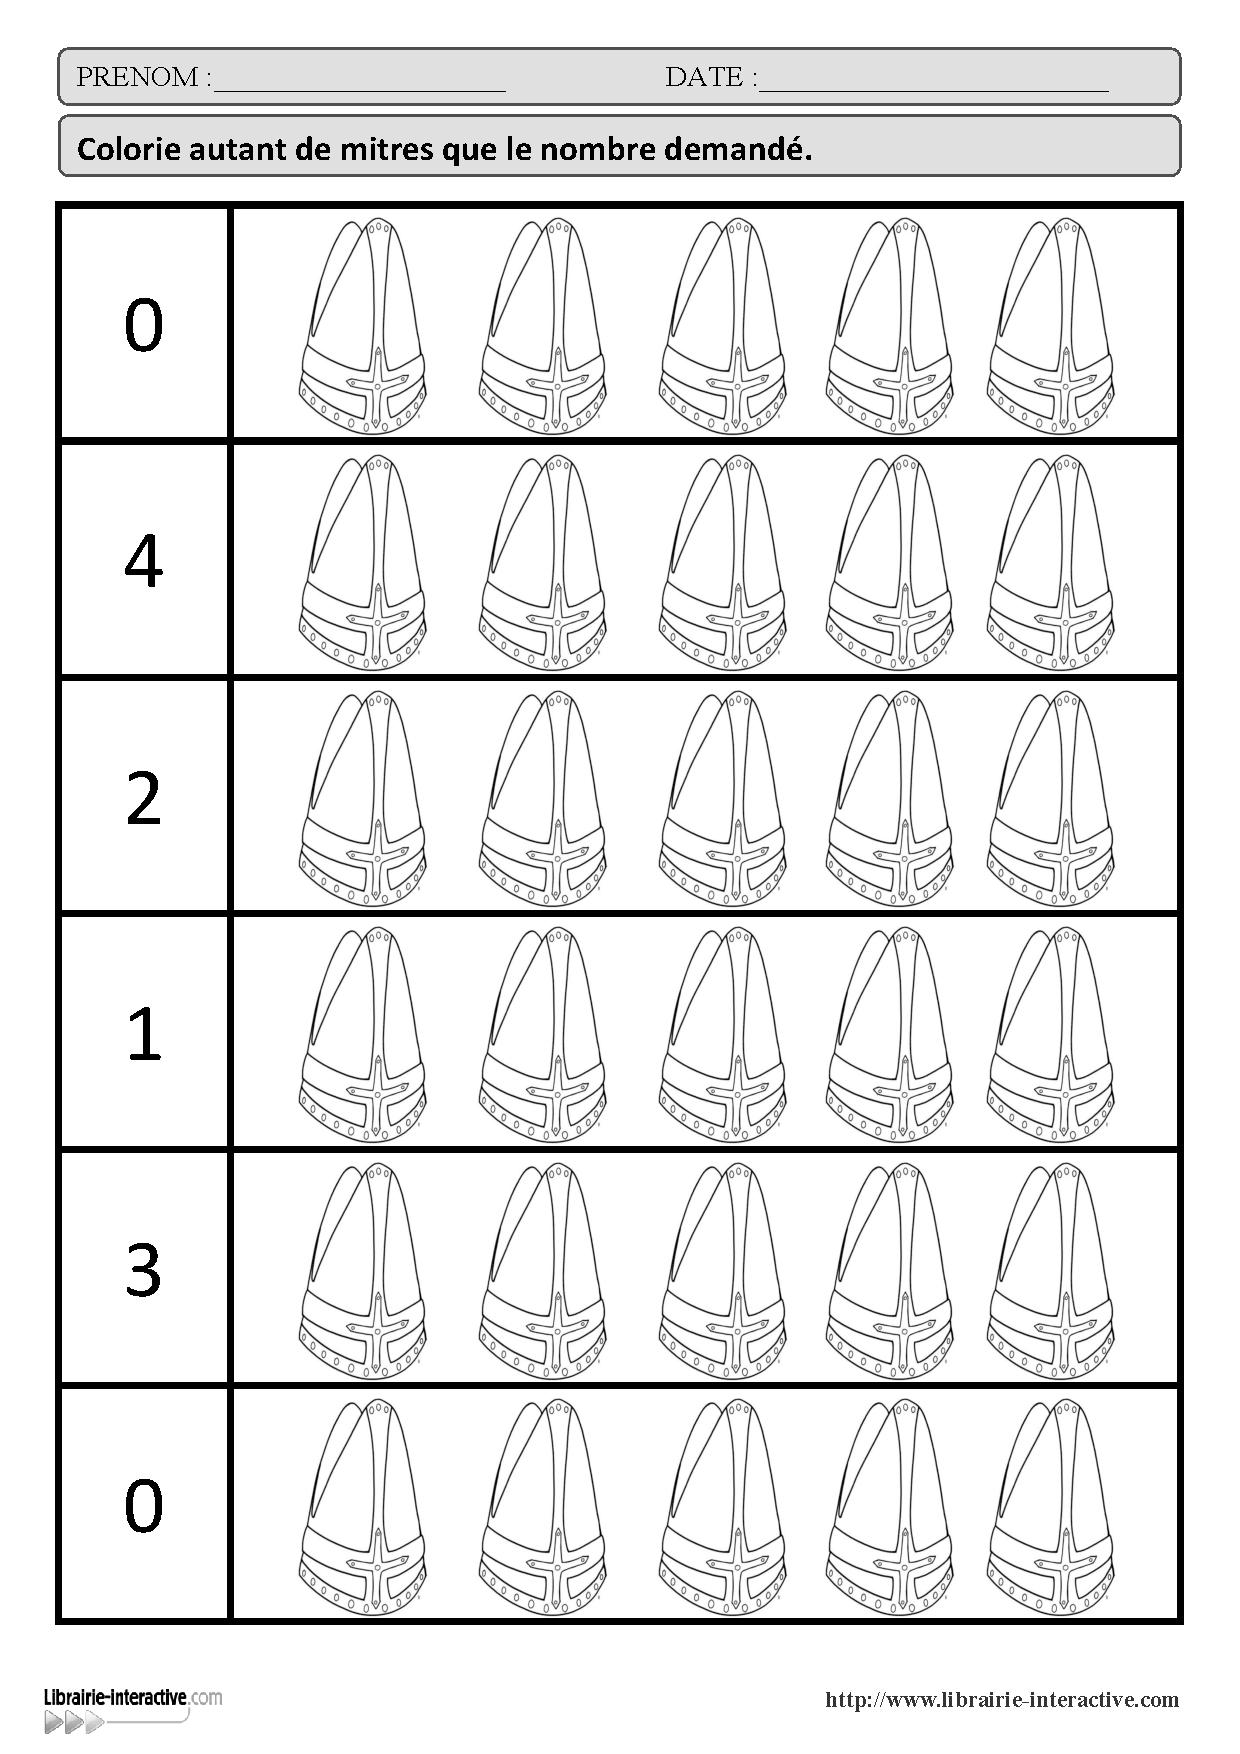 21 fiches d exercices math matiques pour la maternelle ps ms gs autour de la th matique de - Exercice gs a imprimer ...